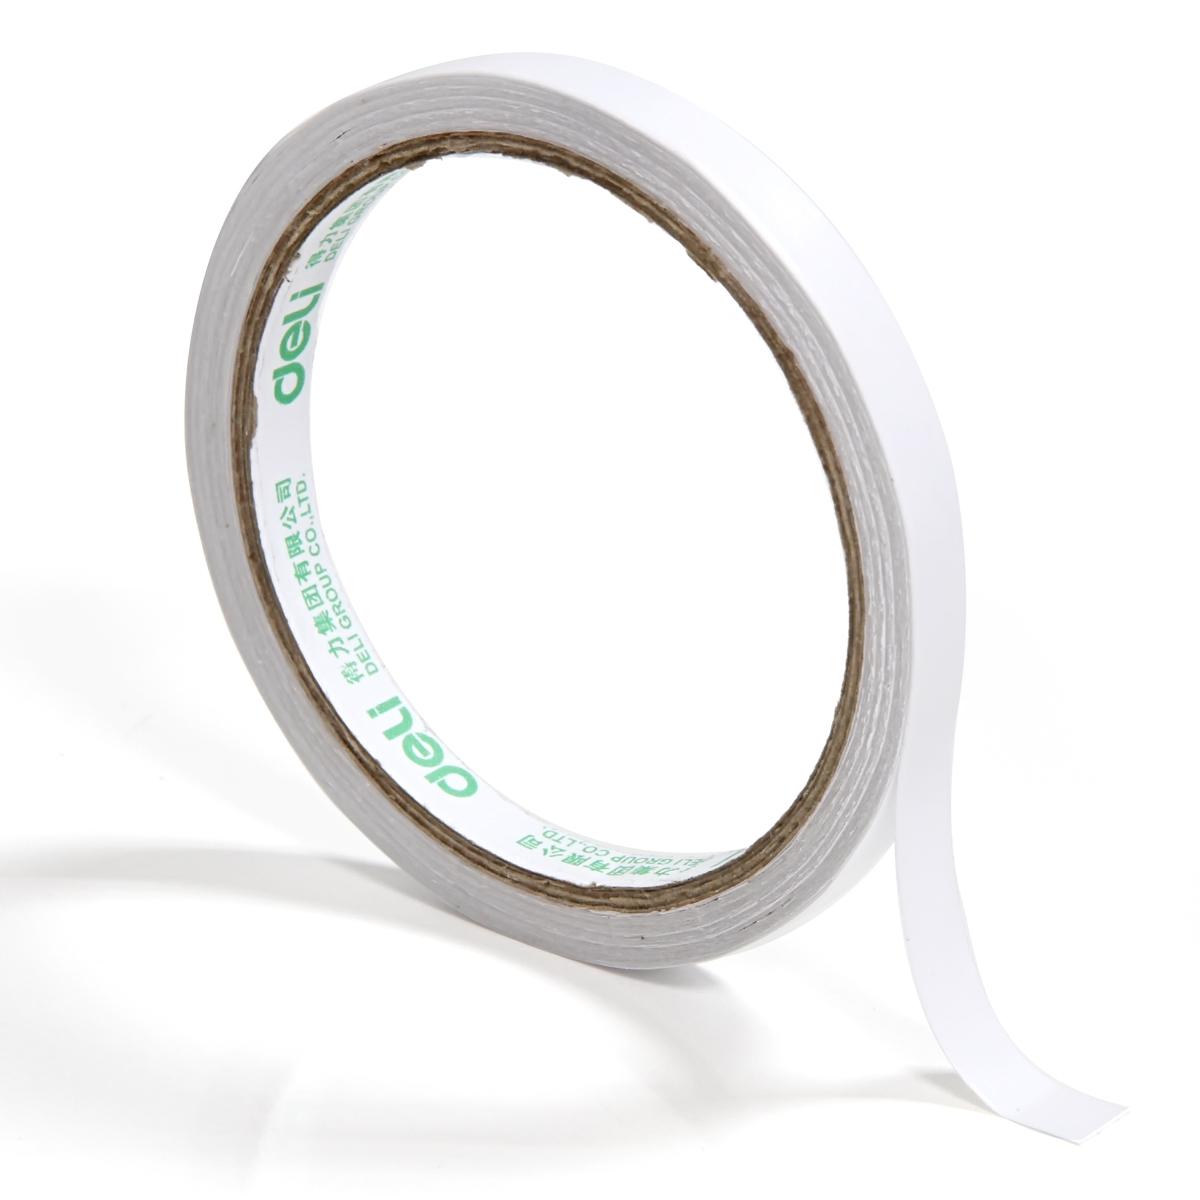 得力(Deli) 得力双面胶 两面胶棉纸胶 30400 背宽0.9cm*10Y胶带